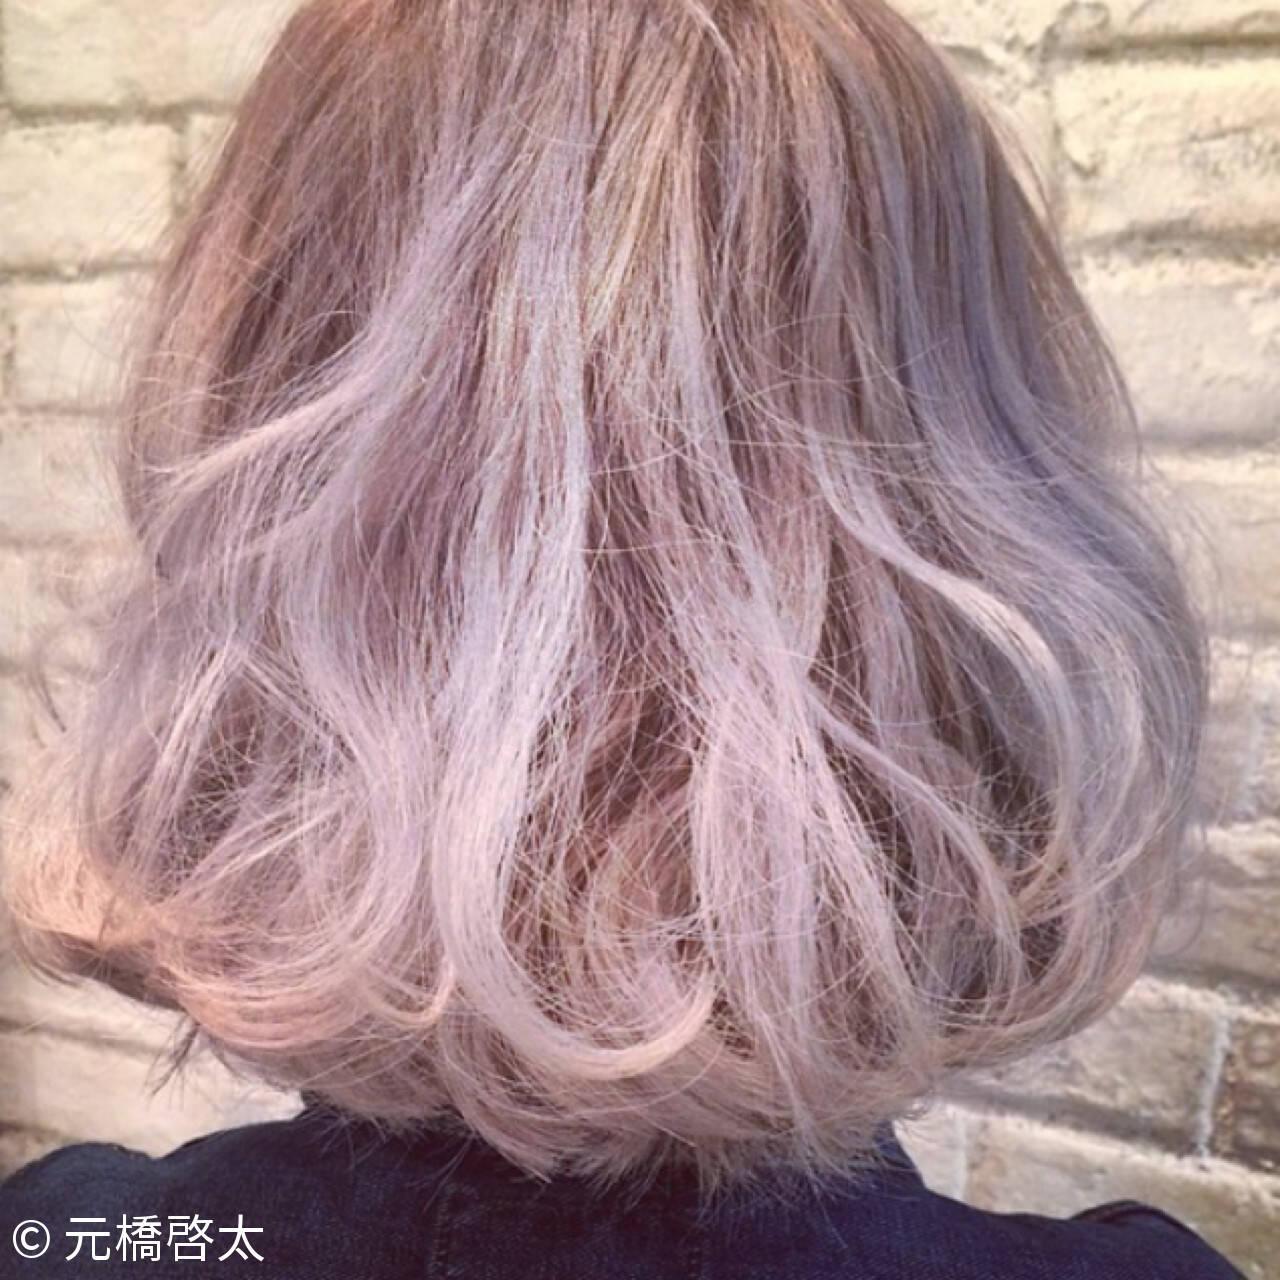 アッシュベージュ モード ミディアム ハイライトヘアスタイルや髪型の写真・画像